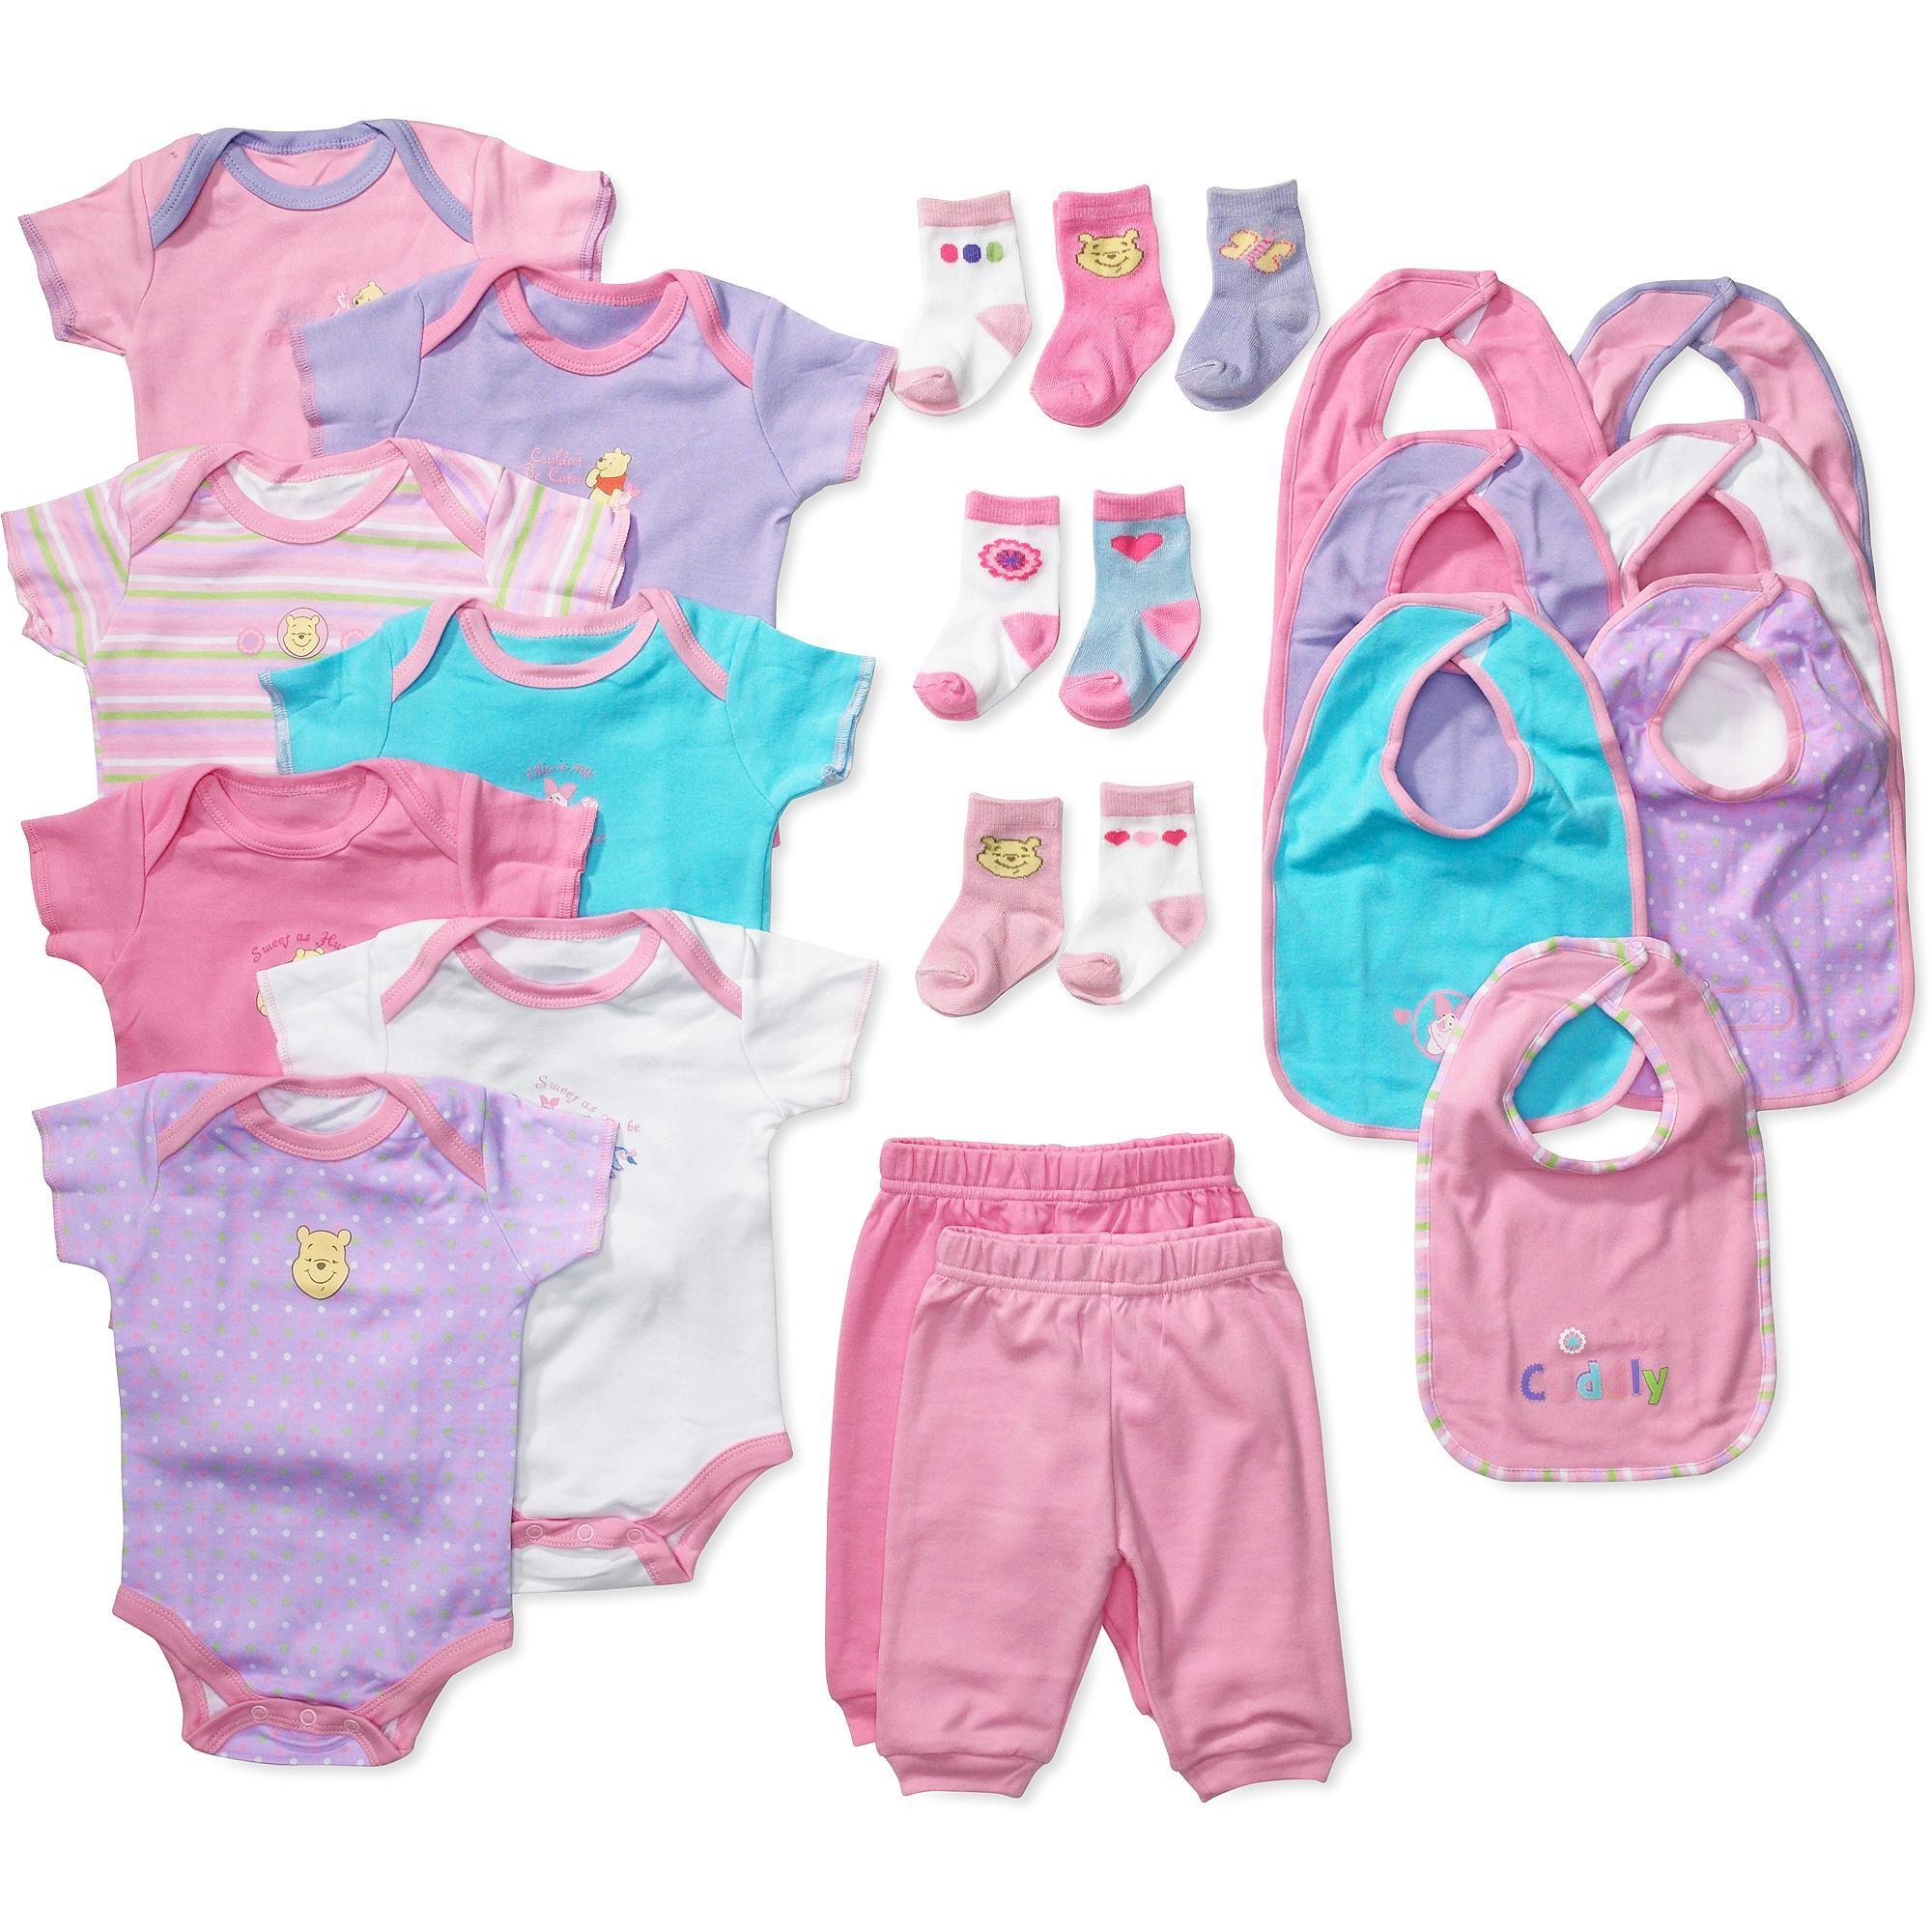 toptin247.com - Bí kíp mua đồ cho bé mới sinh rất giúp ích dành cho mẹ